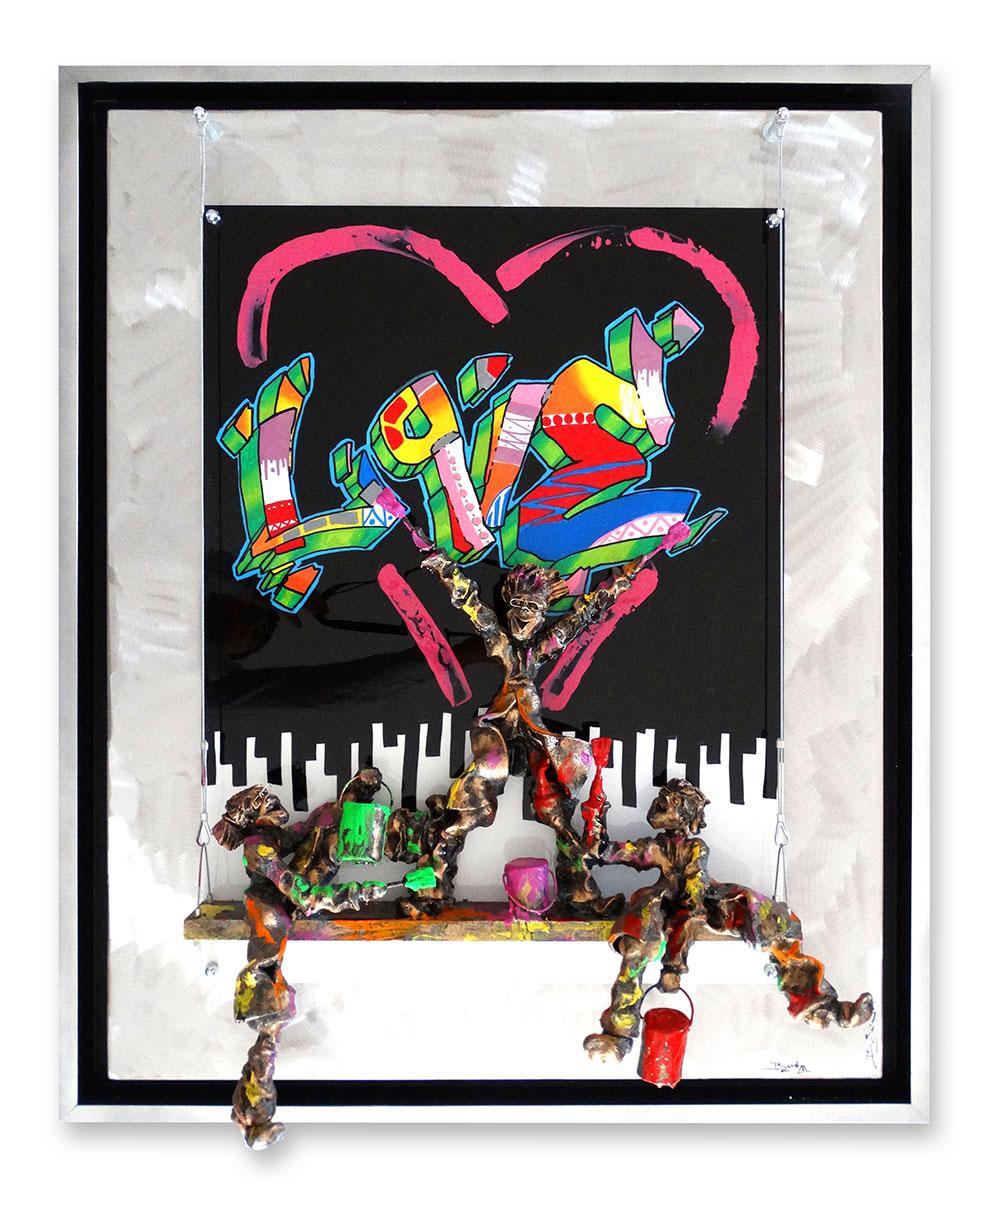 Bernard Saint Maxent - Graffiti love - 80x100cm